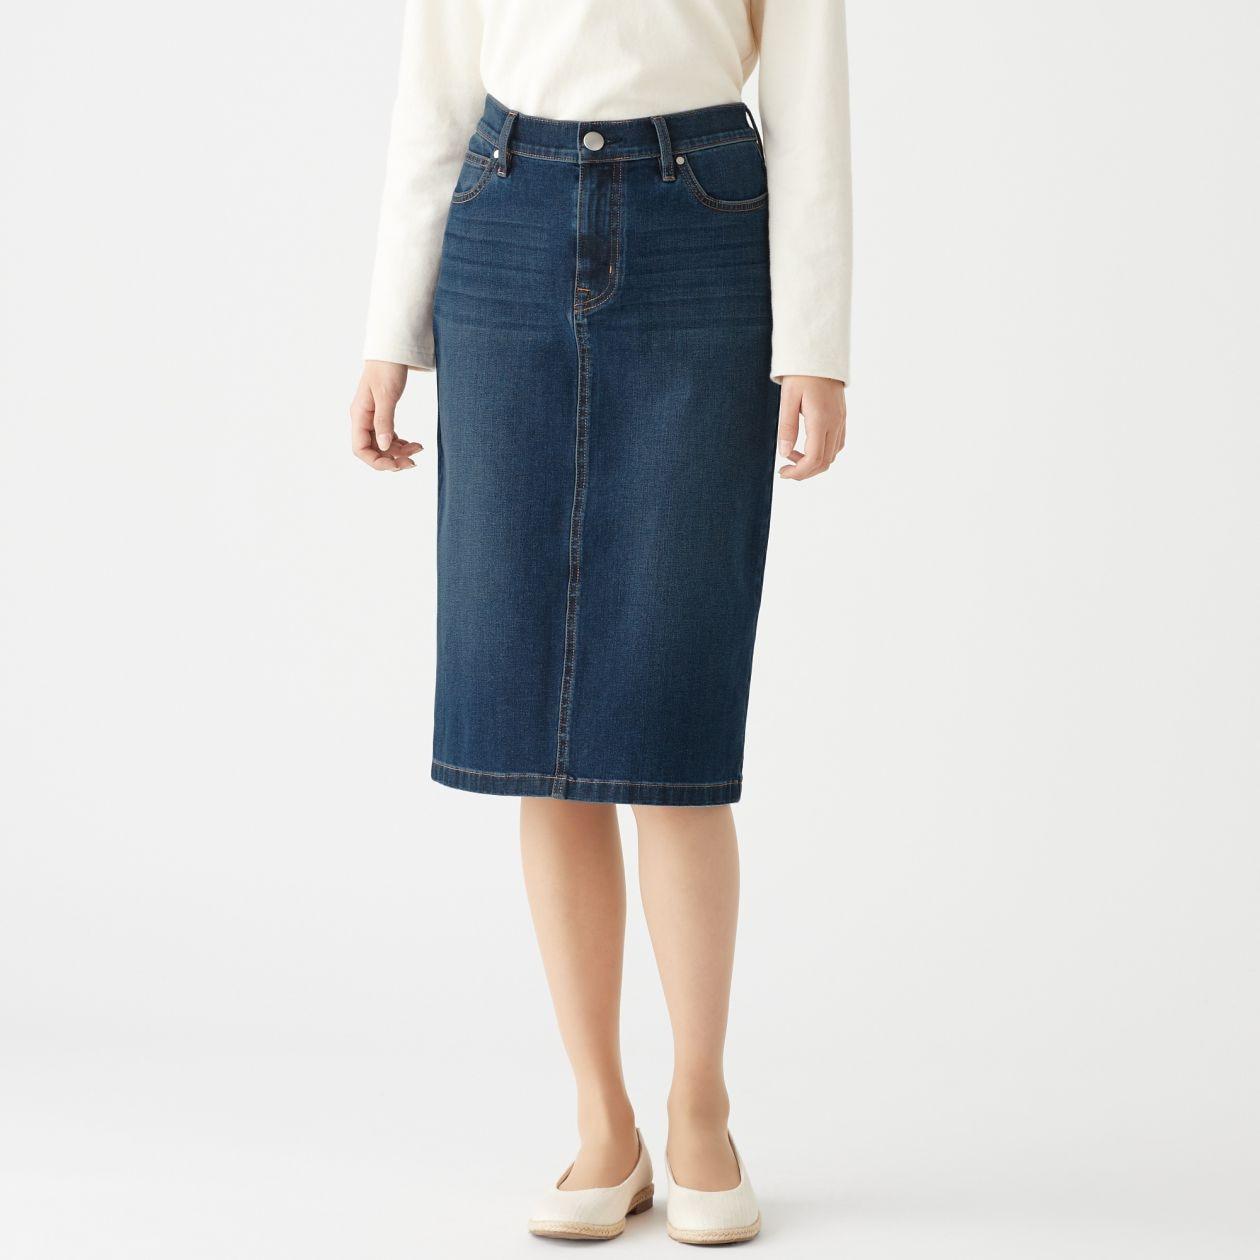 53b4e4285a8 Stretch Denim Pencil Skirt Uk – DACC